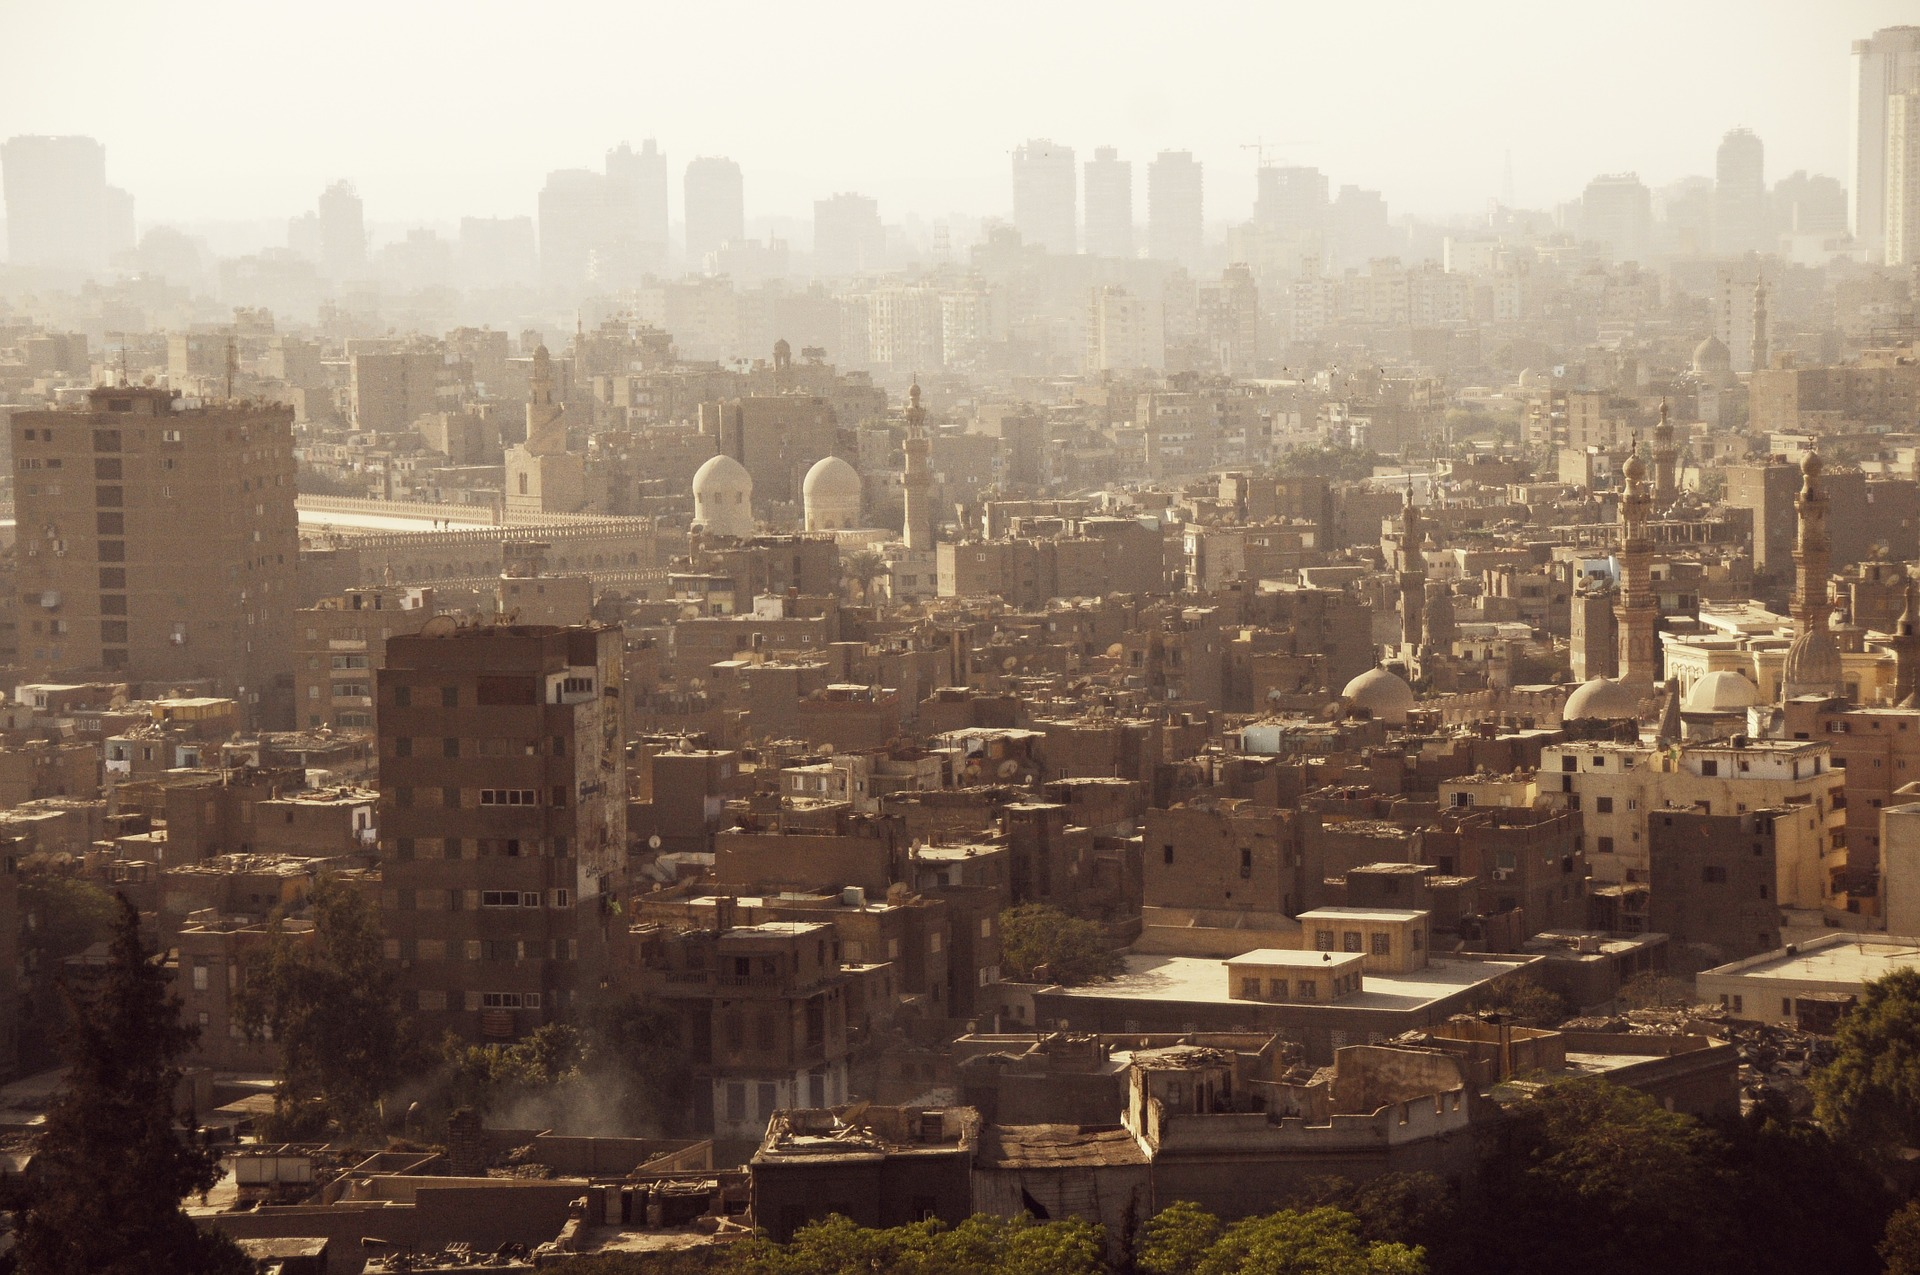 Inefficient urban planning